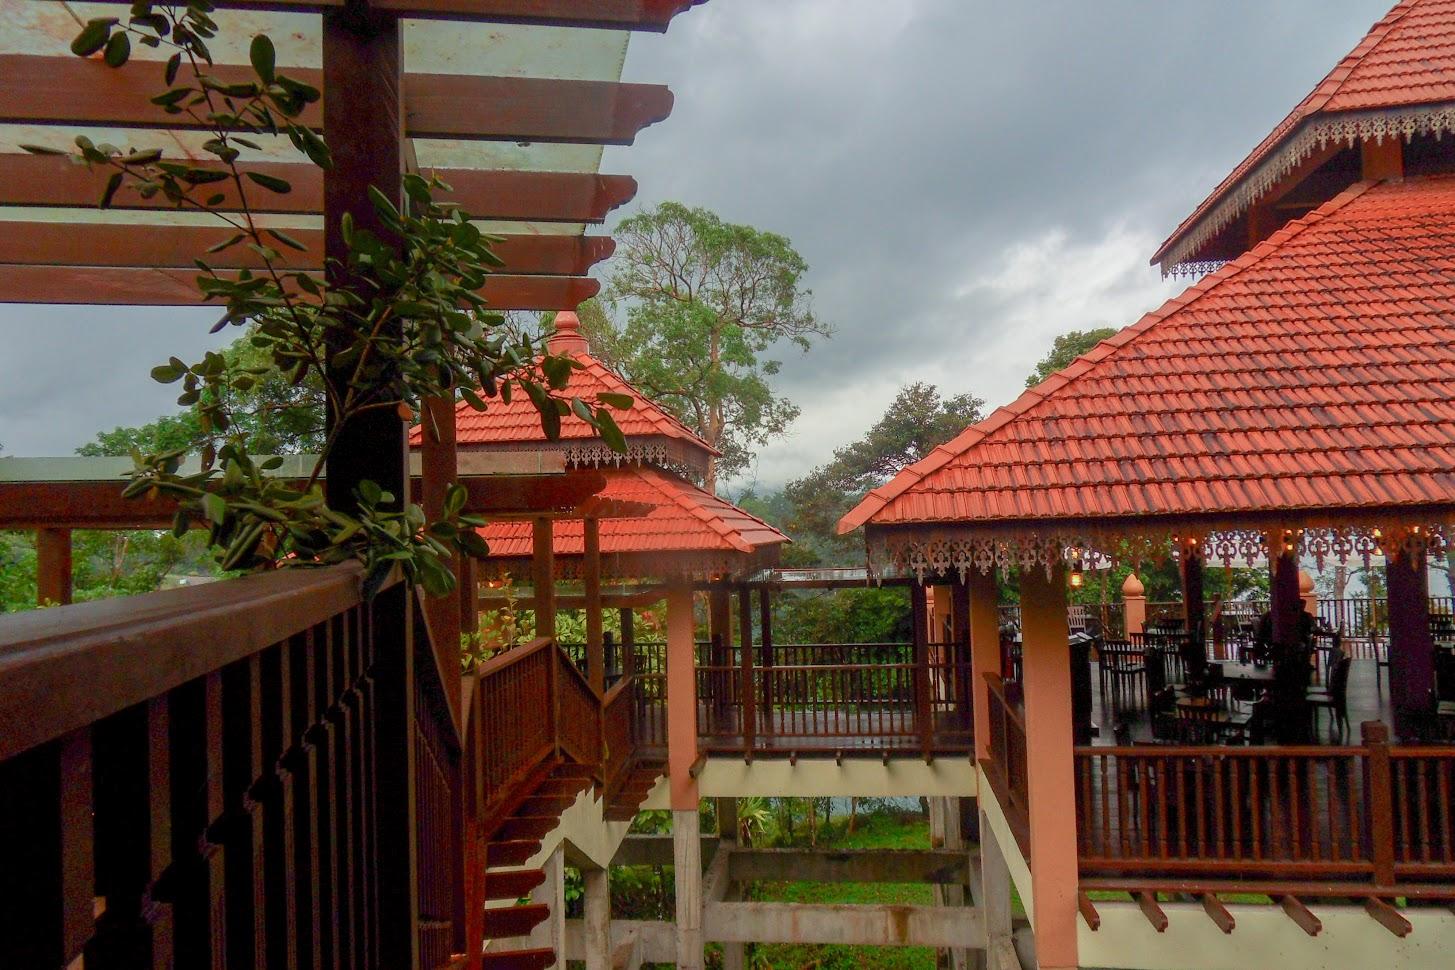 Туристической центр, веранда с ресторанчиком